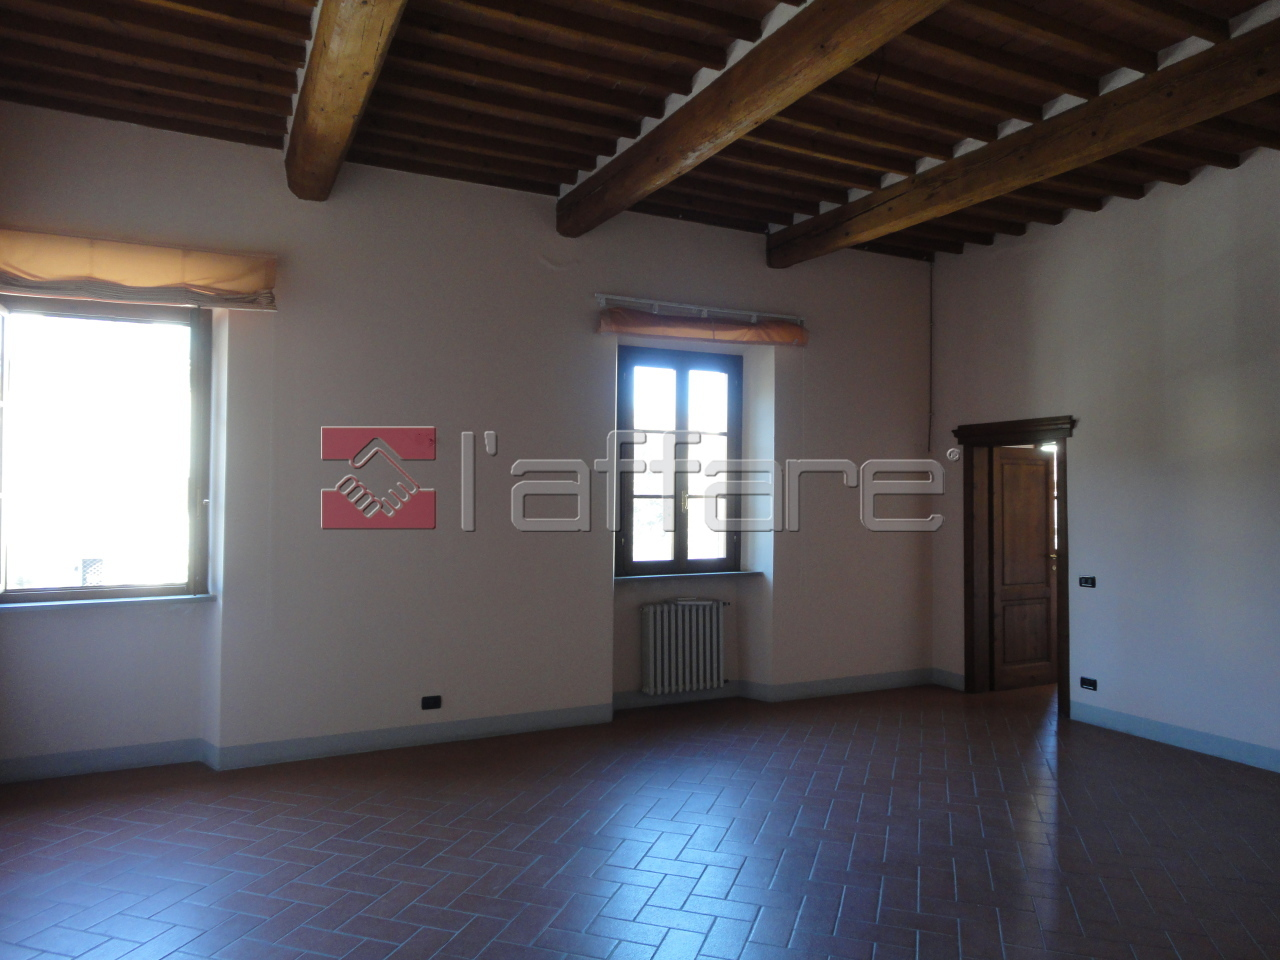 Ufficio / Studio in affitto a Ponsacco, 3 locali, prezzo € 600 | Cambio Casa.it